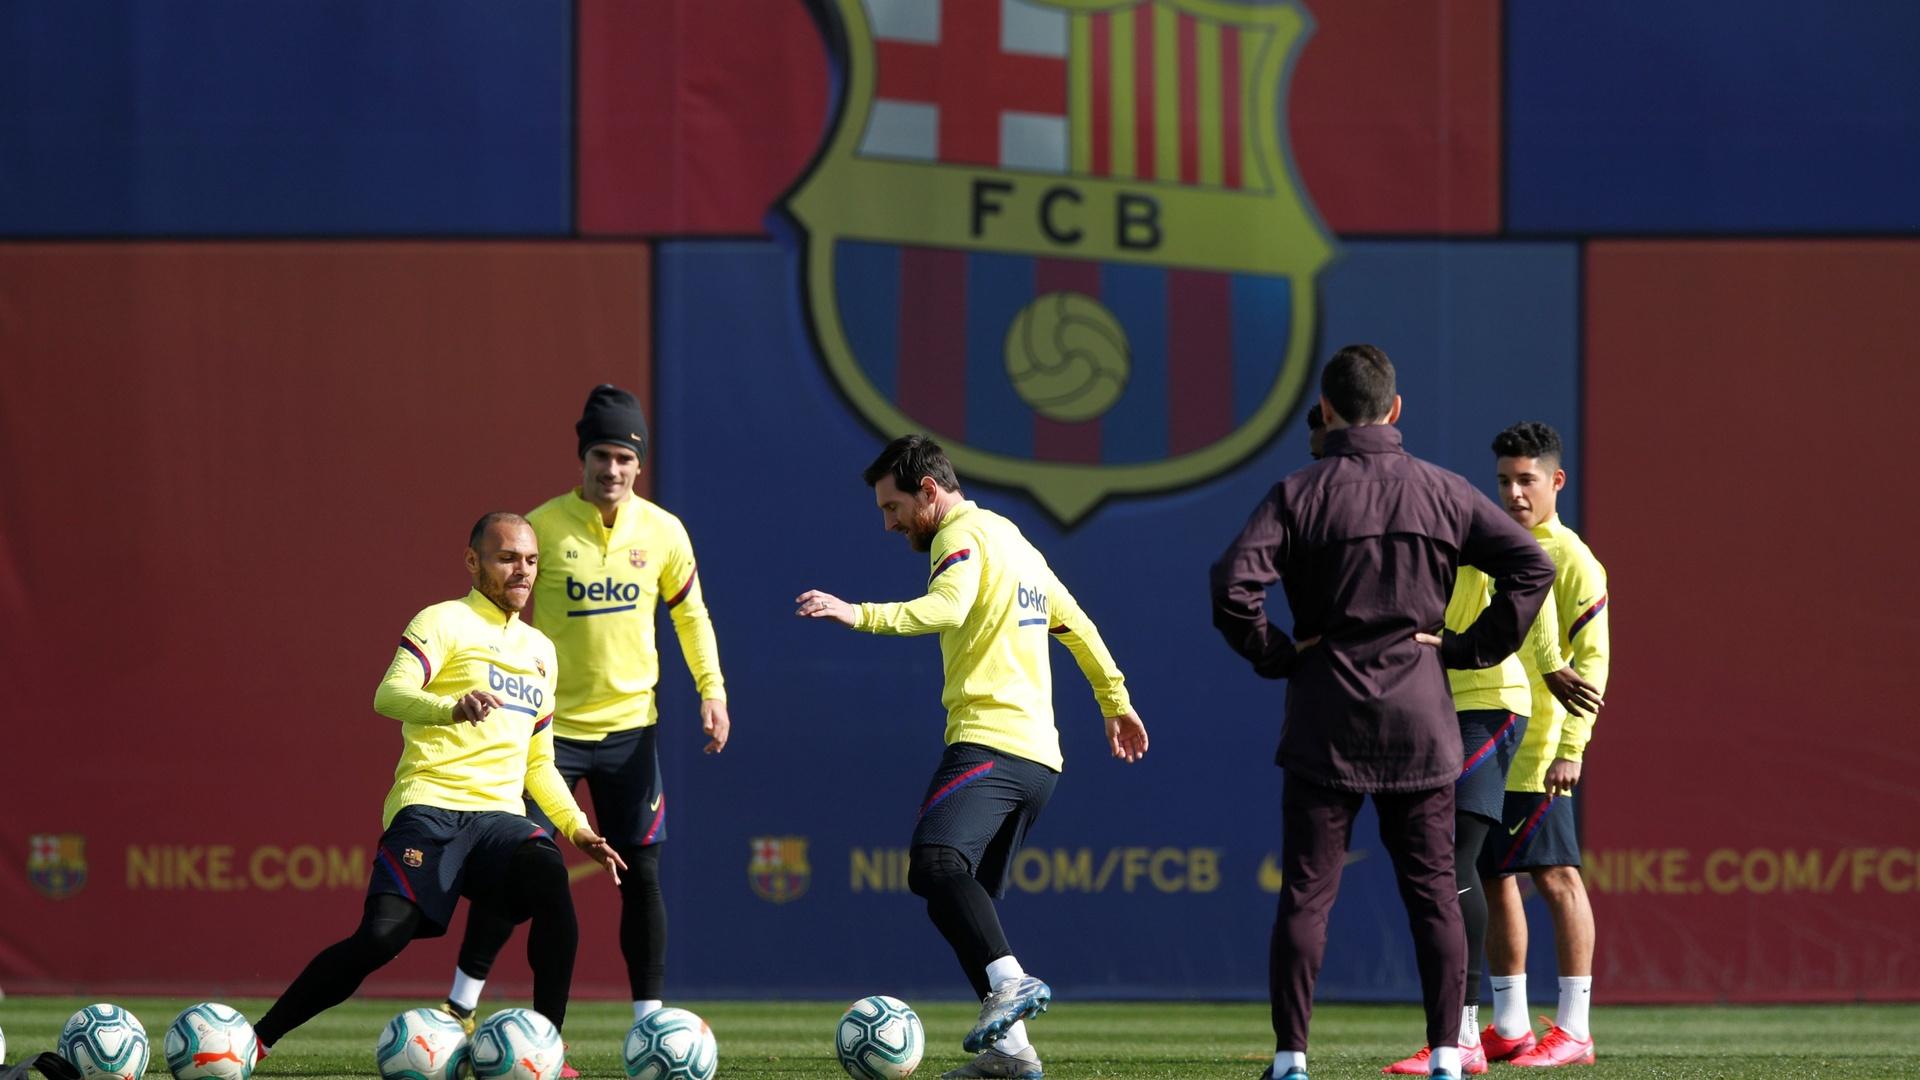 بعد ضياع اللقب.. غيابات في تدريبات برشلونة